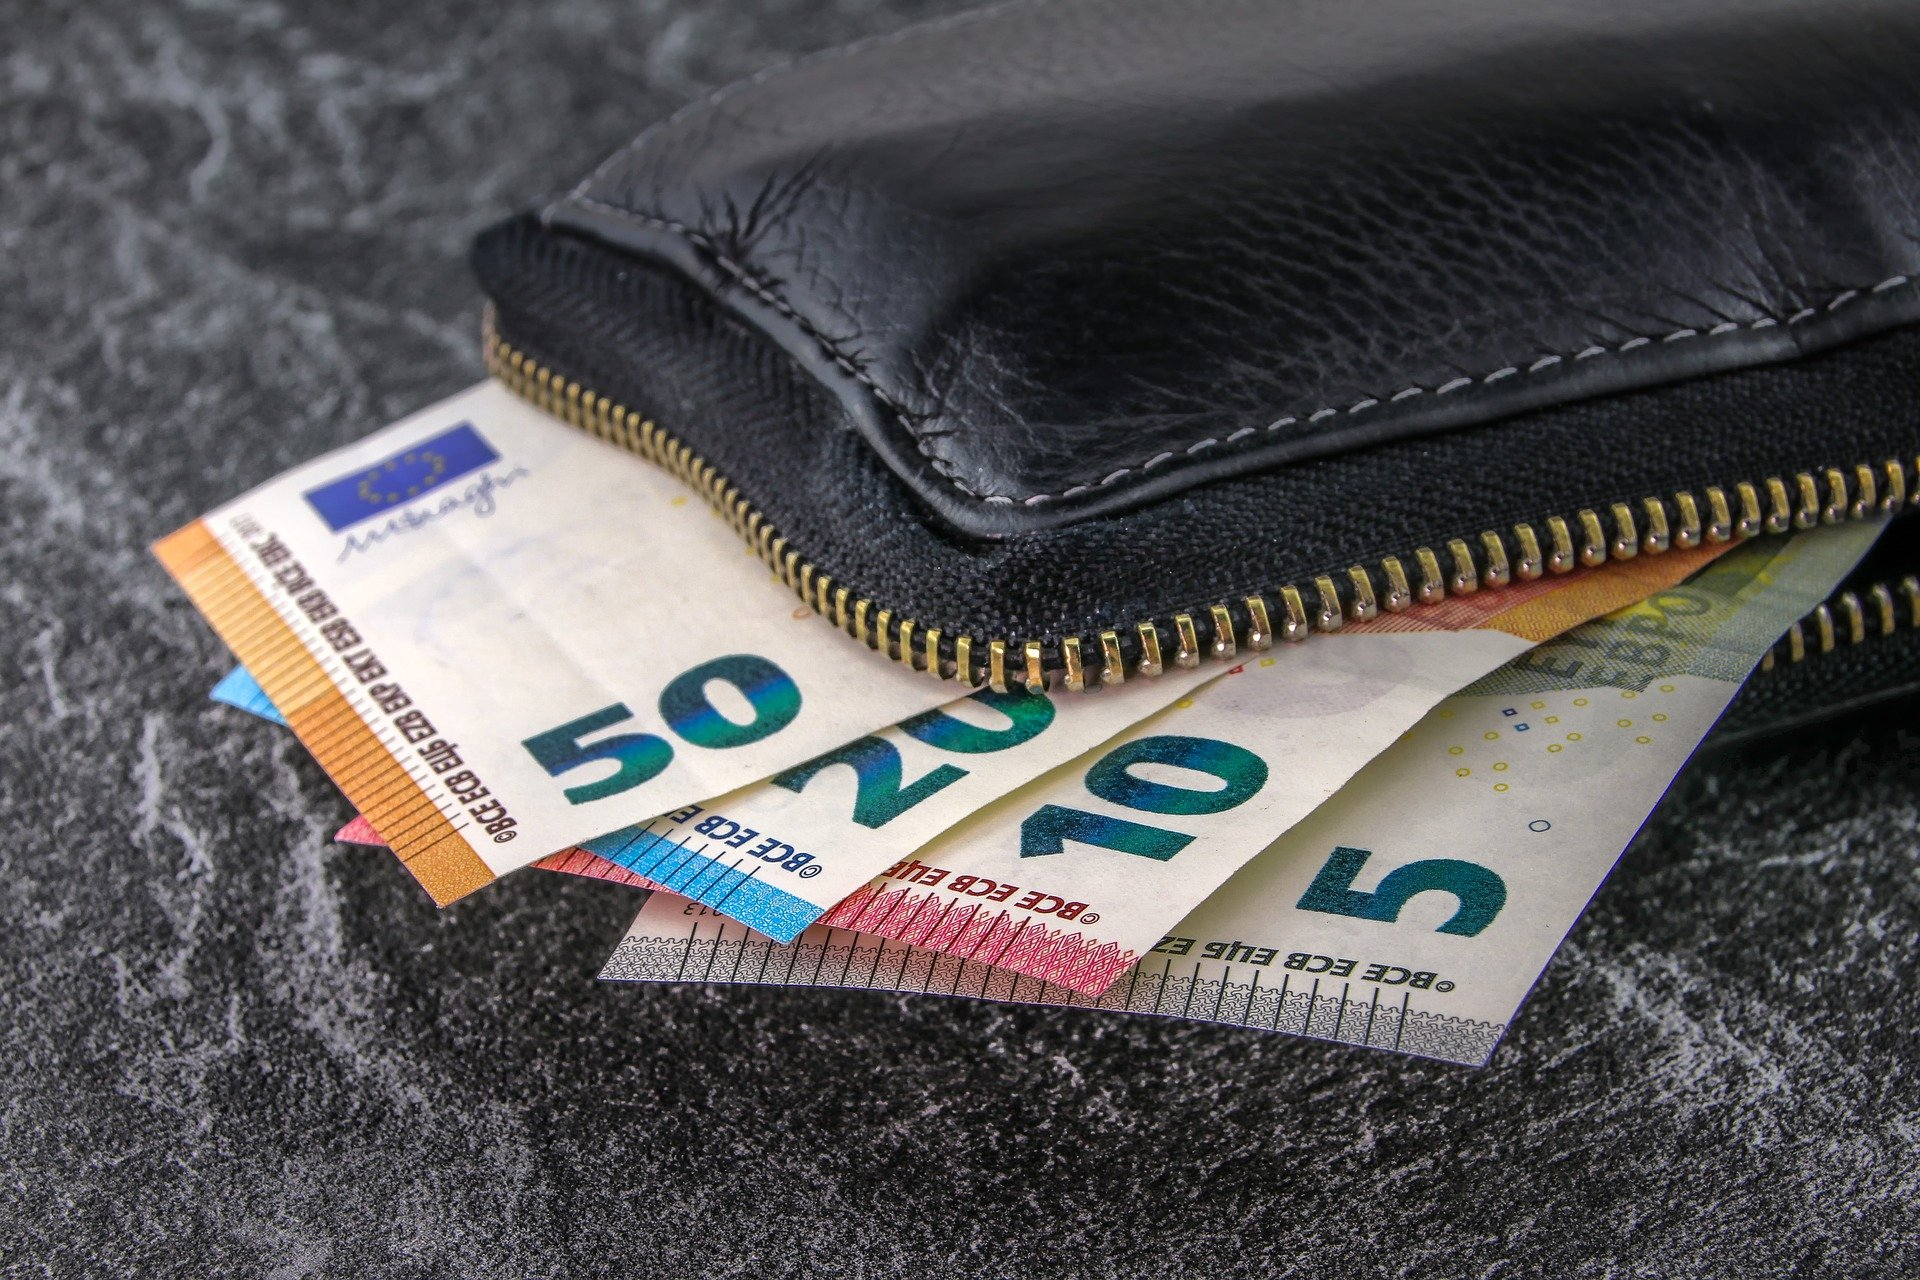 ALG 2 Empfänger können bei einem unabweisbaren Bedarf ein zinsloses Darlehen vom Jobcenter bekommen